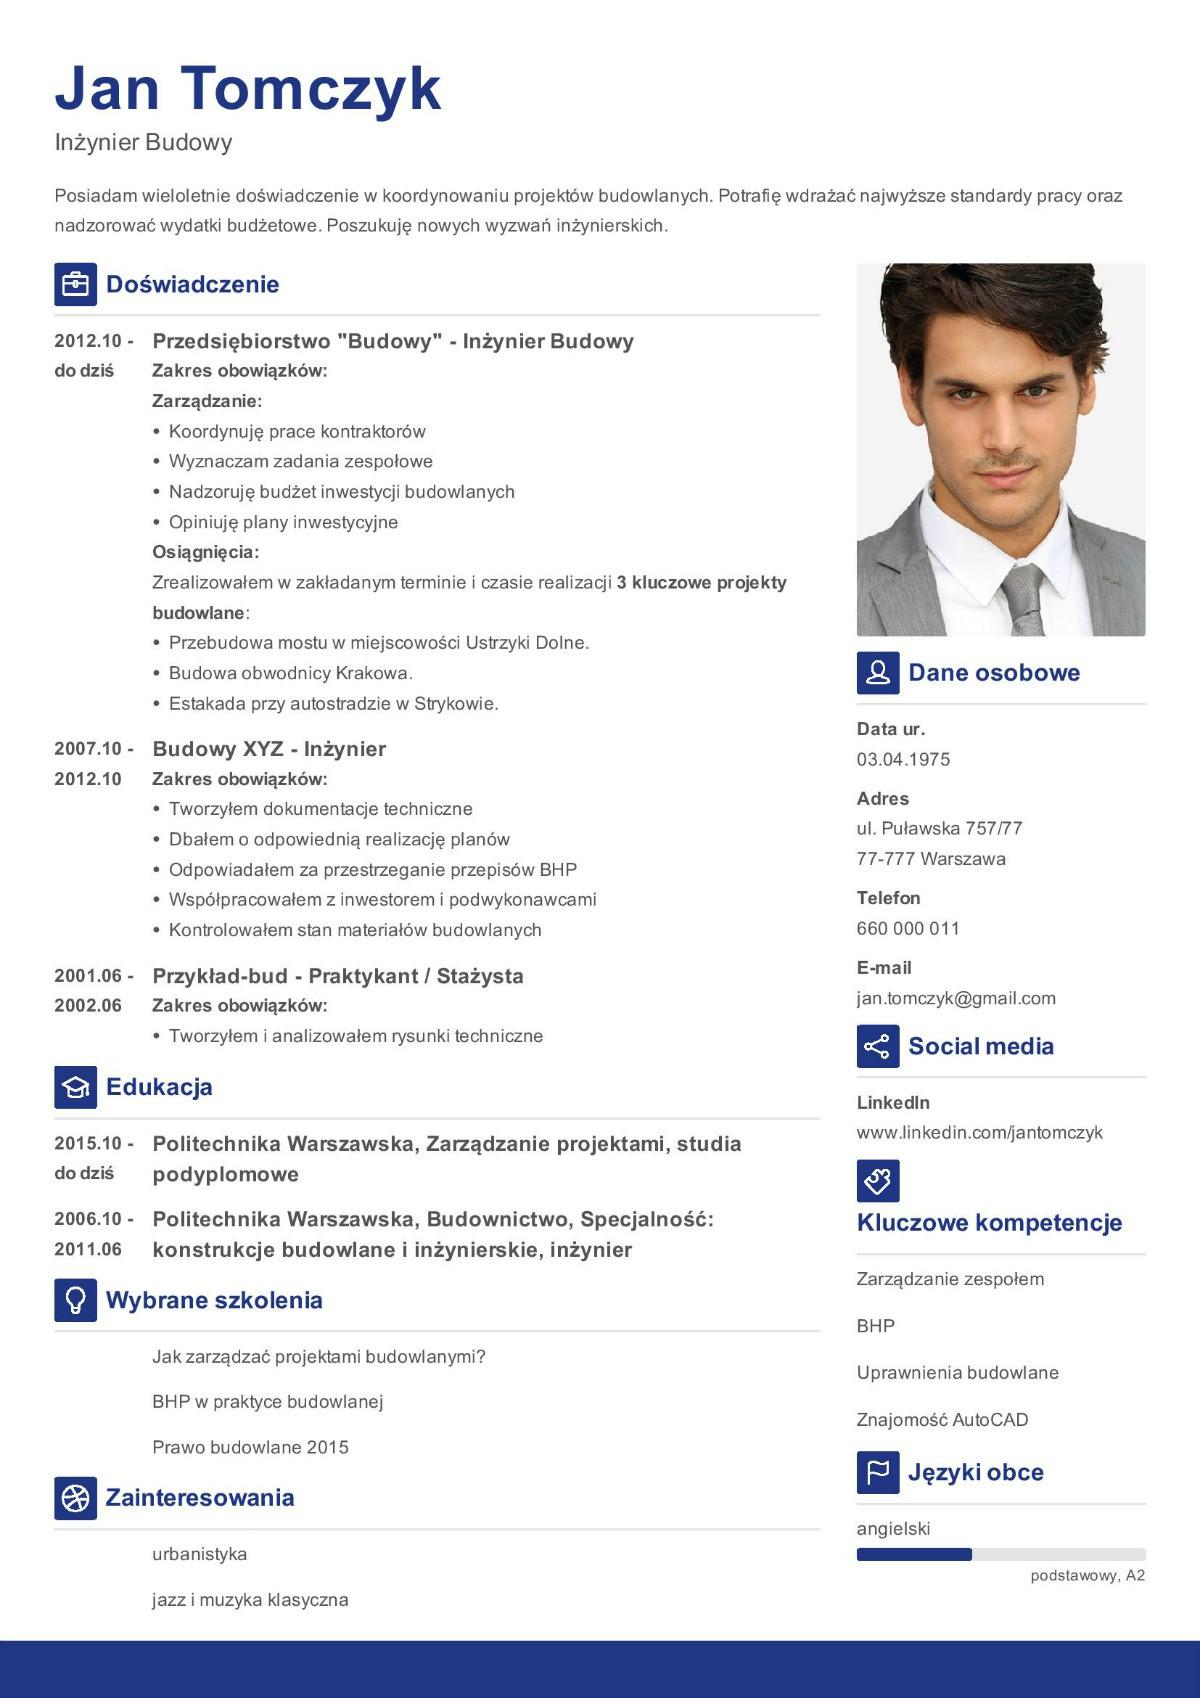 wzór CV inżyniera budowlanego